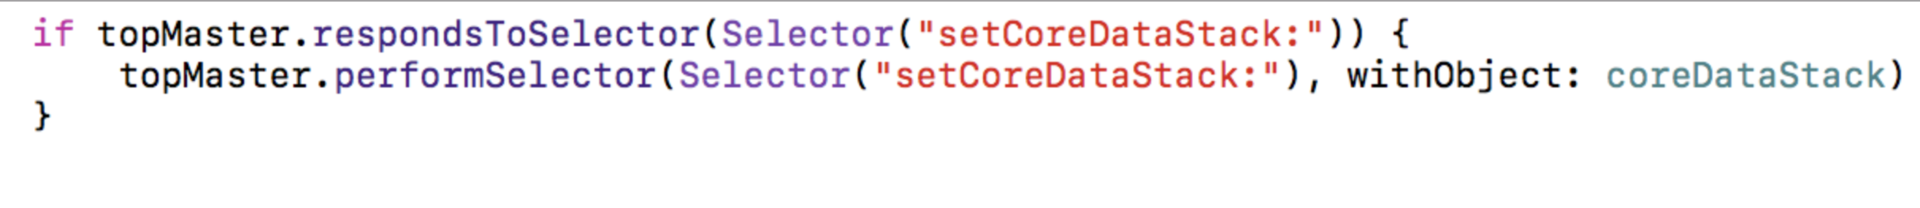 Переходим на Swift 3 с помощью миграционного «робота» в Xcode 8.1 и 8.2 - 51